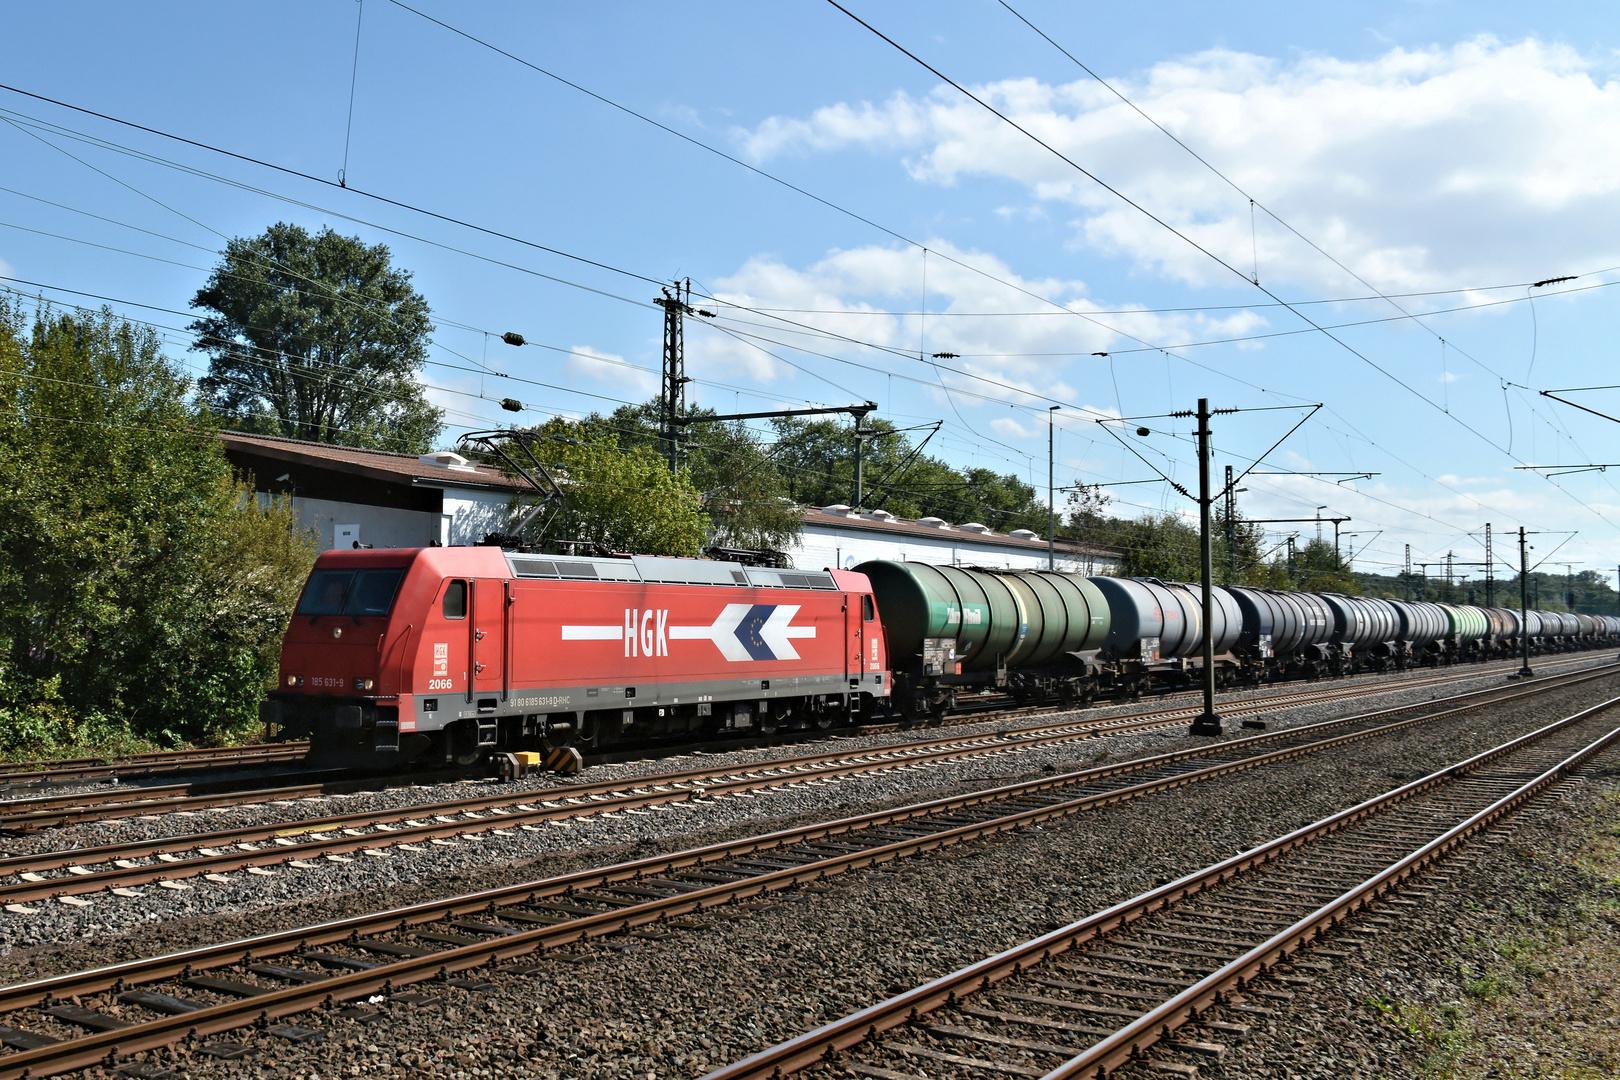 HGK 185 631-9 passiert S-Bahnhof Düsseldorf Eller